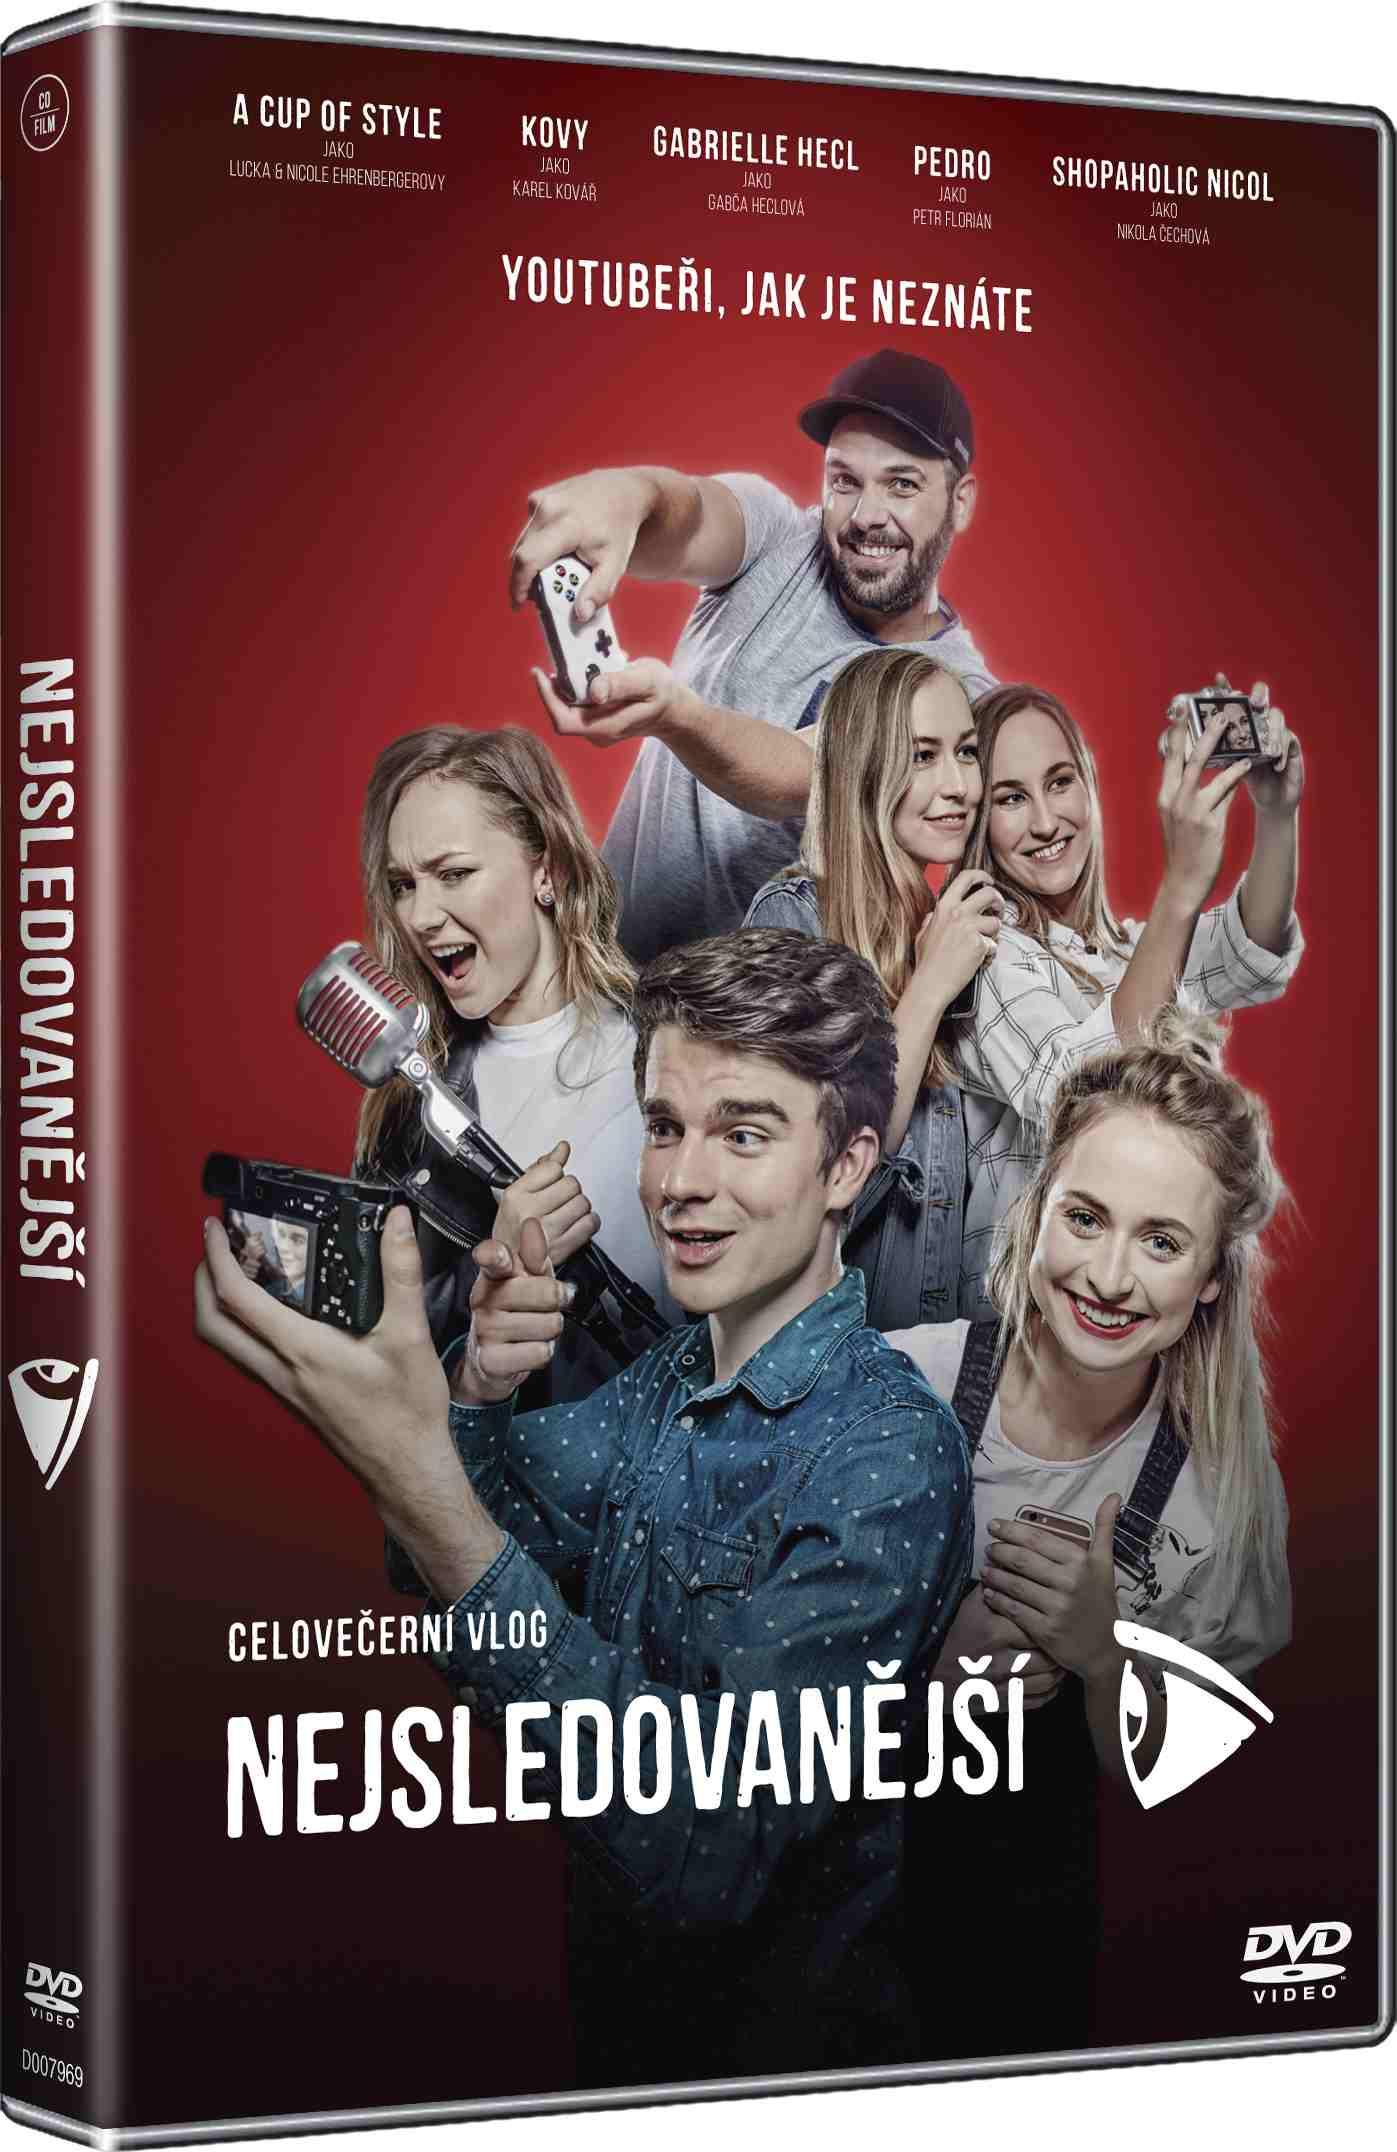 Nejsledovanější - DVD